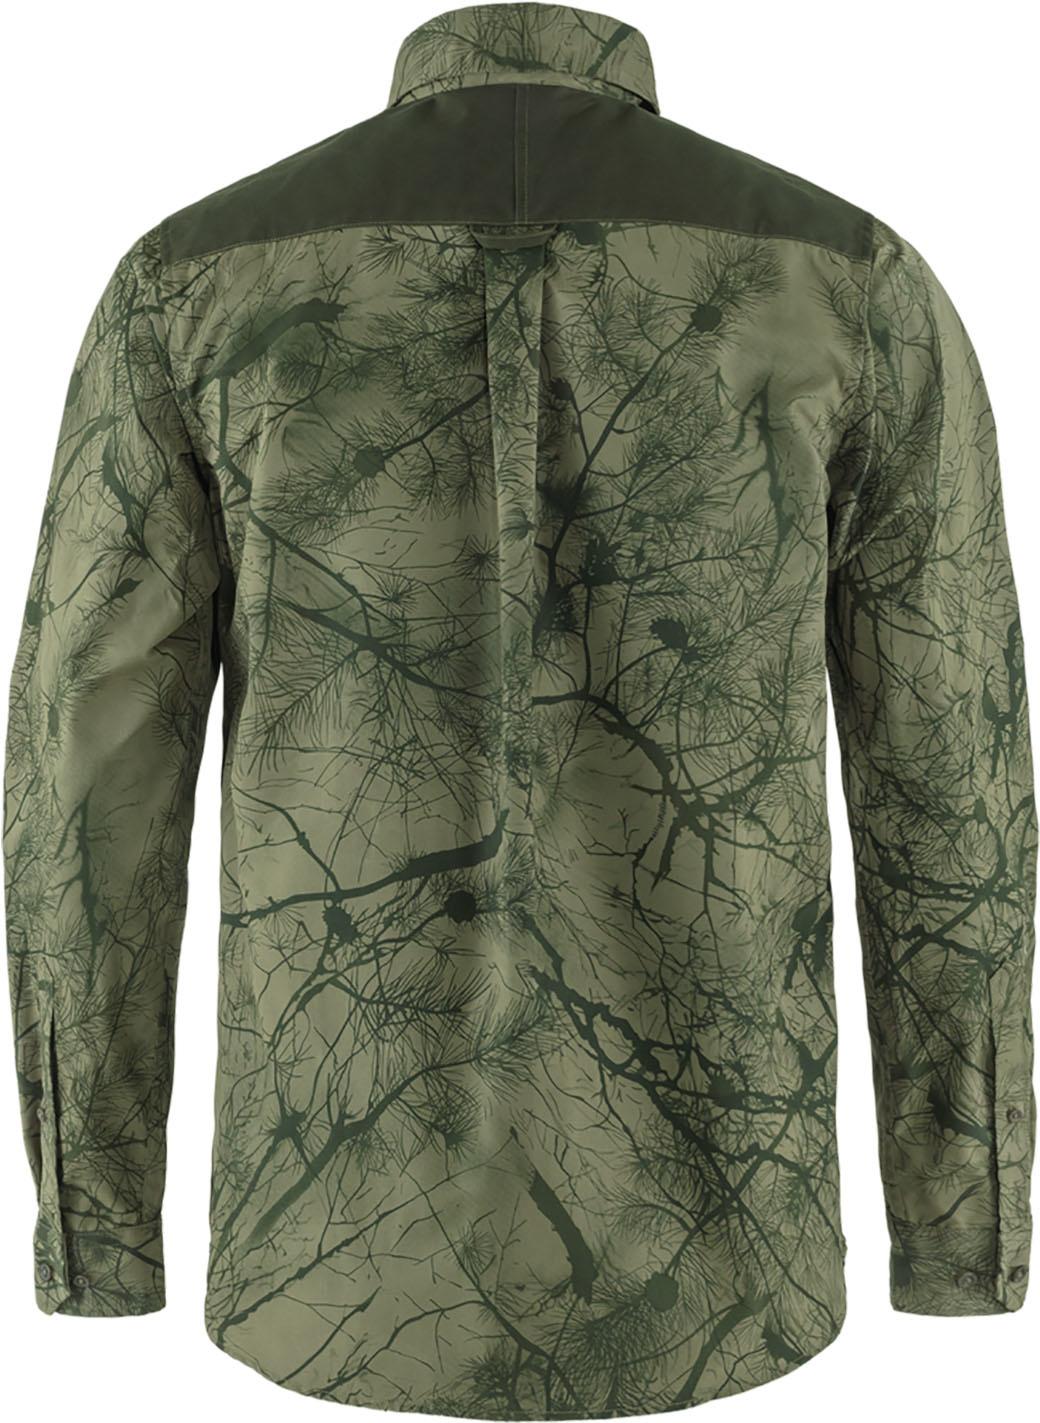 Fjällräven Värmland G-1000 Shirt M Green Camo-Deep Forest-2